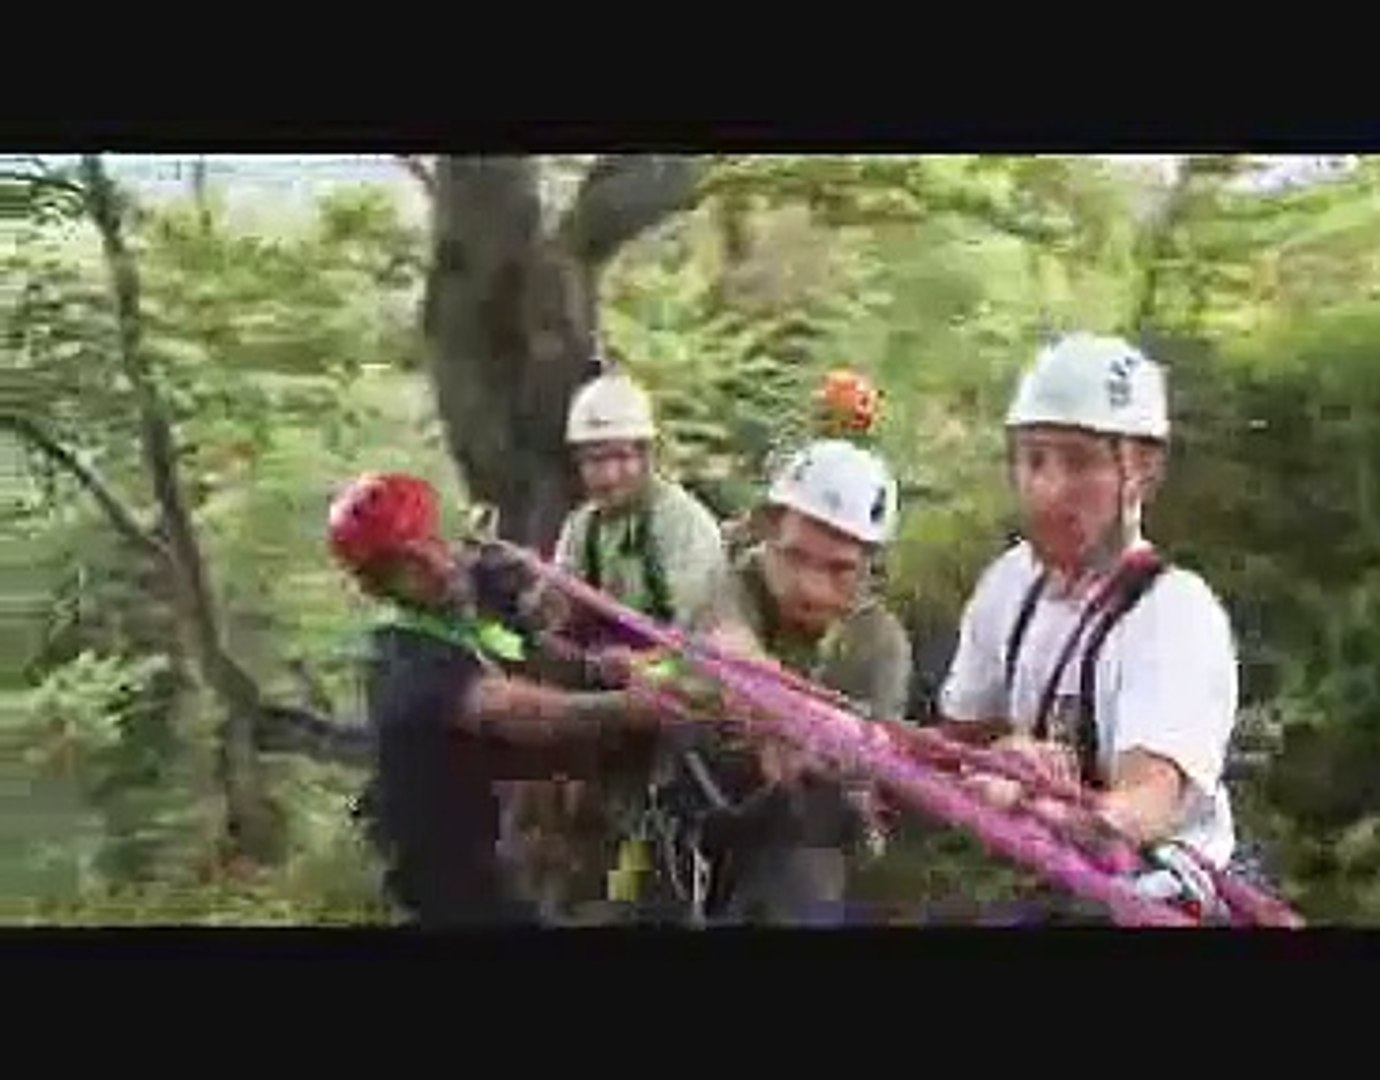 Mountain Rescue Austria